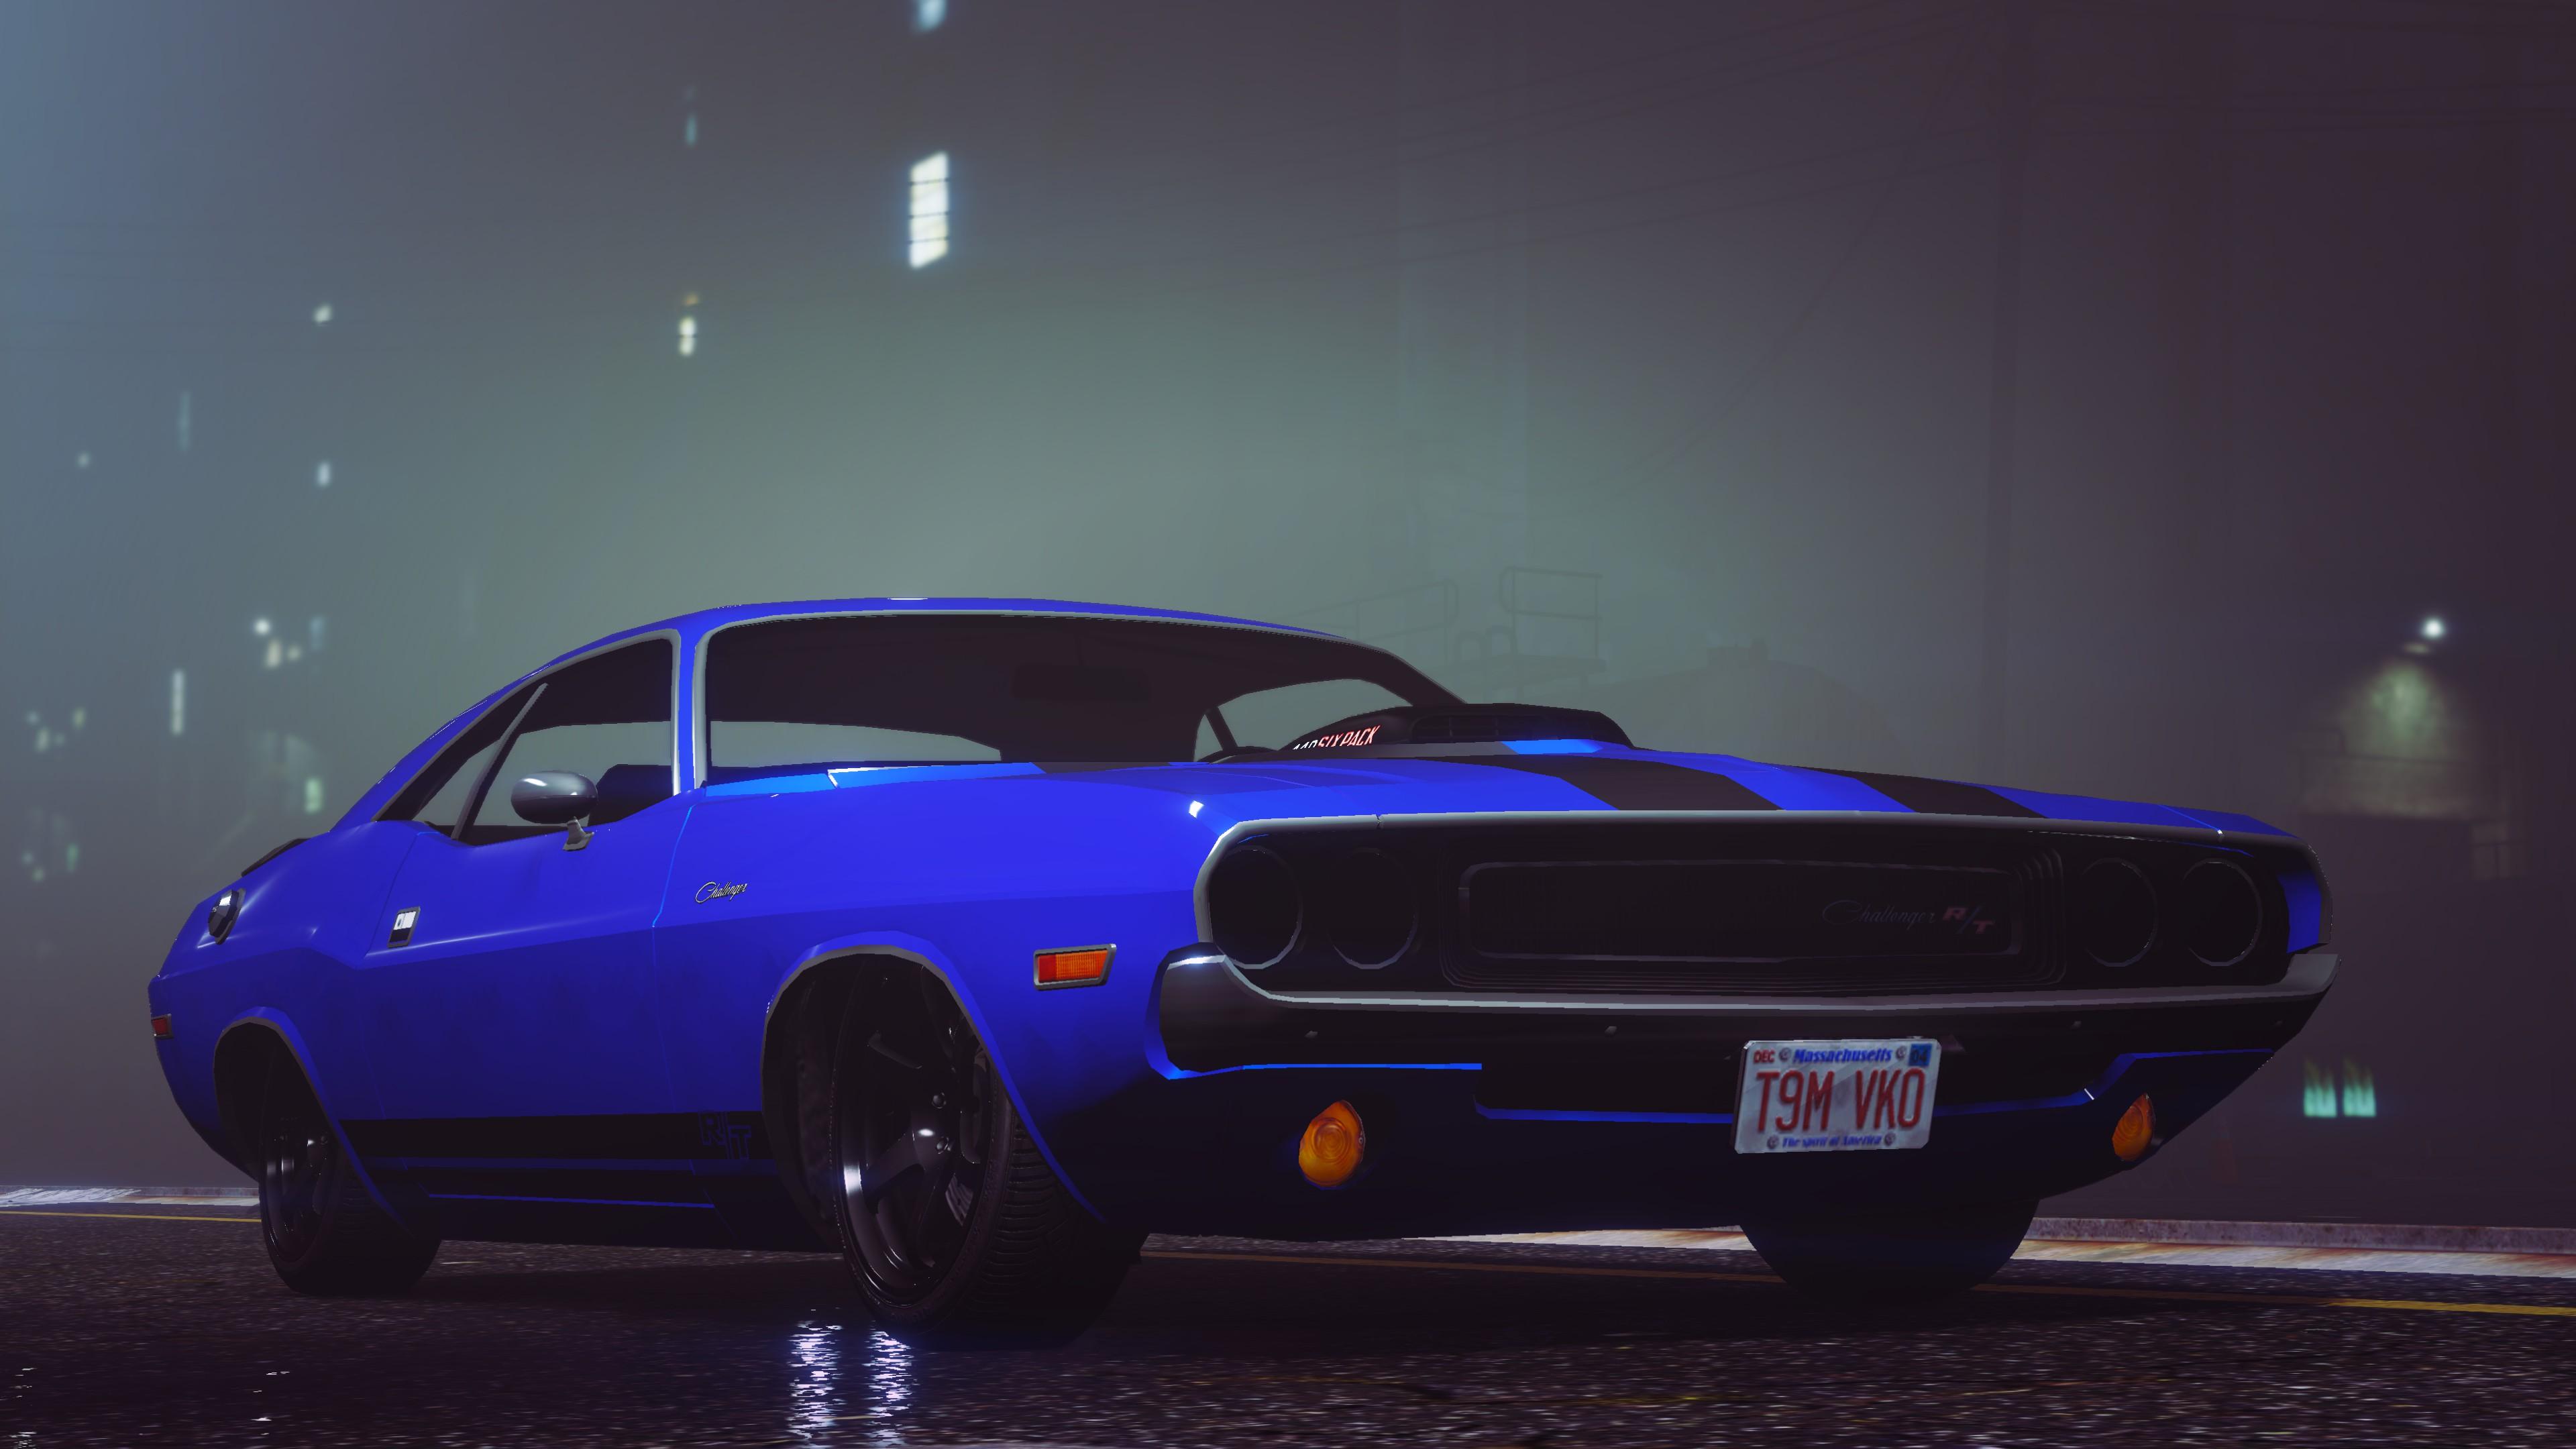 GTA 5 mod brings real cars to San Andreas - VG247